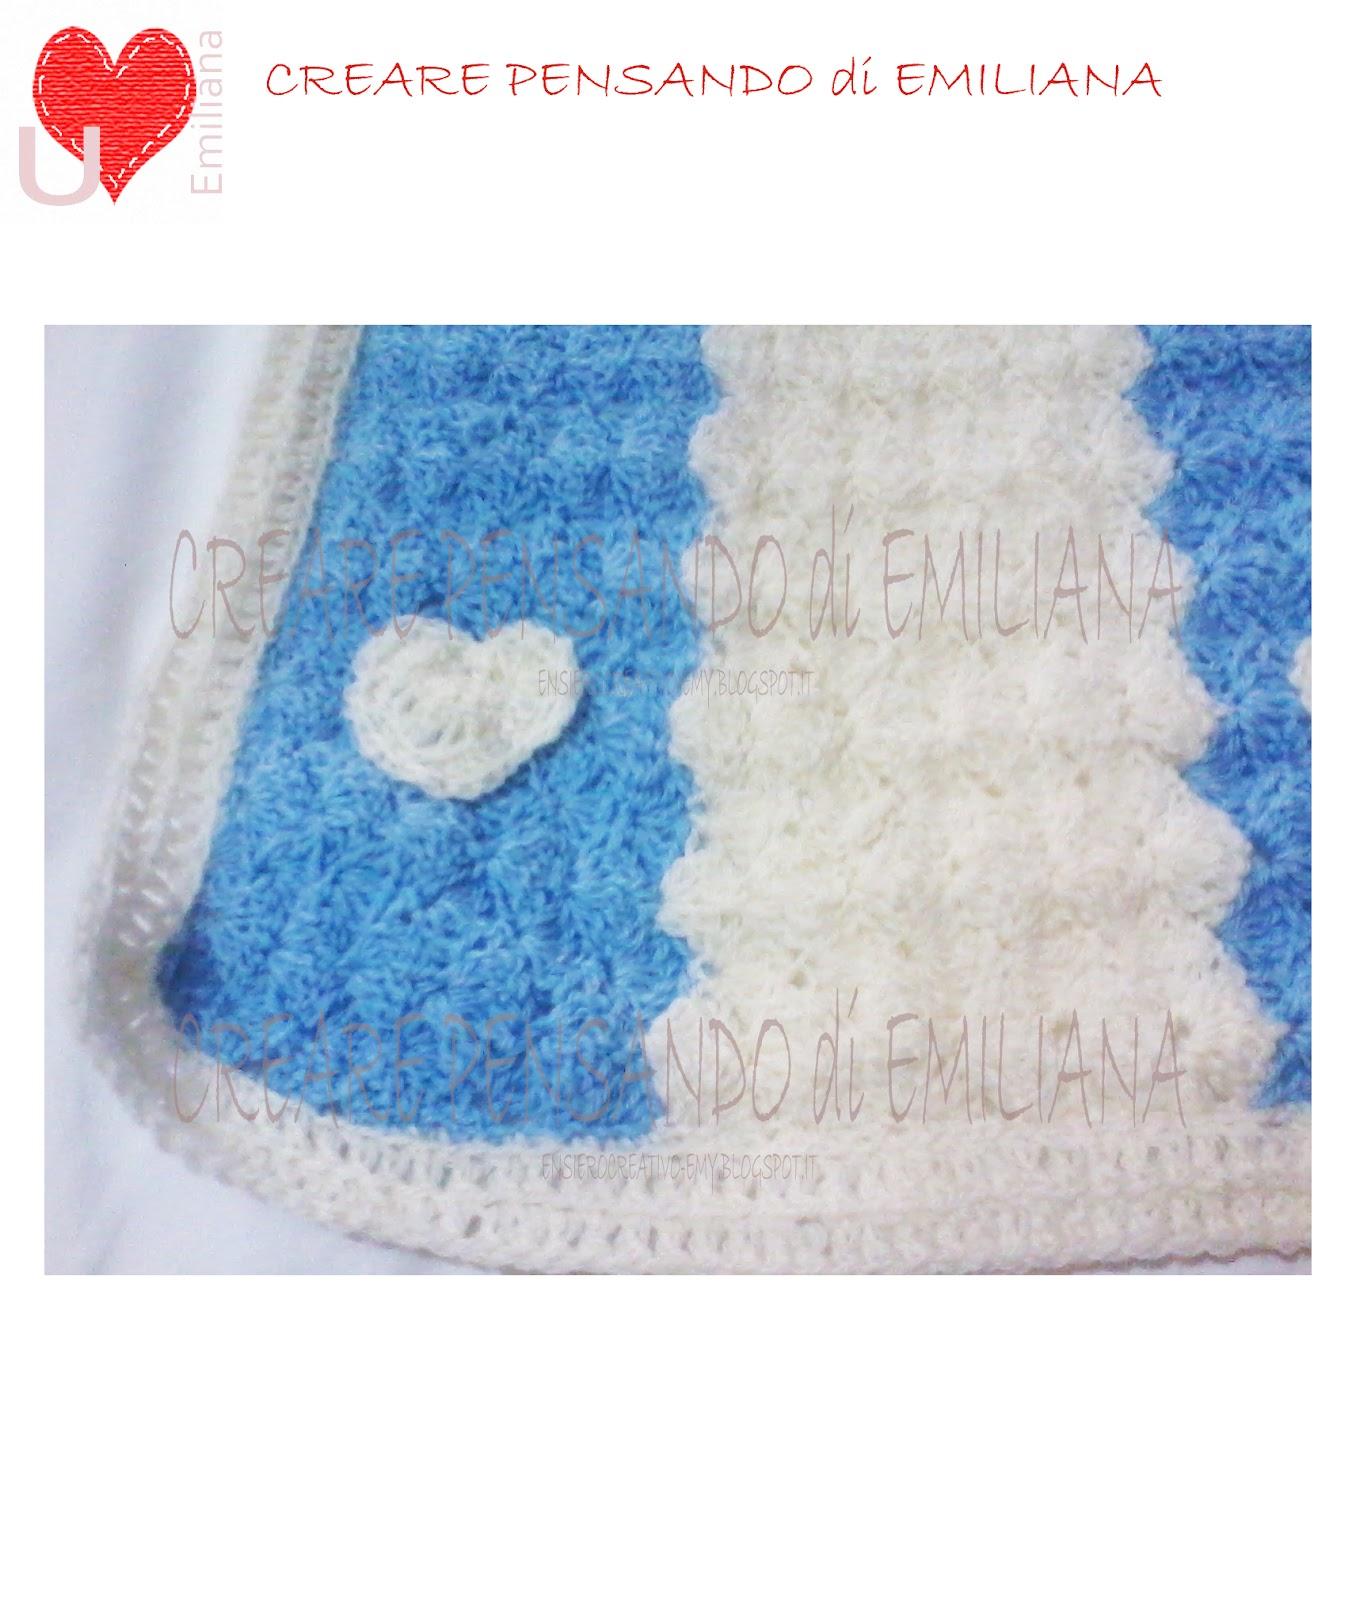 Creare pensando di emiliana coperta beb bimbo for Come costruire un aggiunta coperta